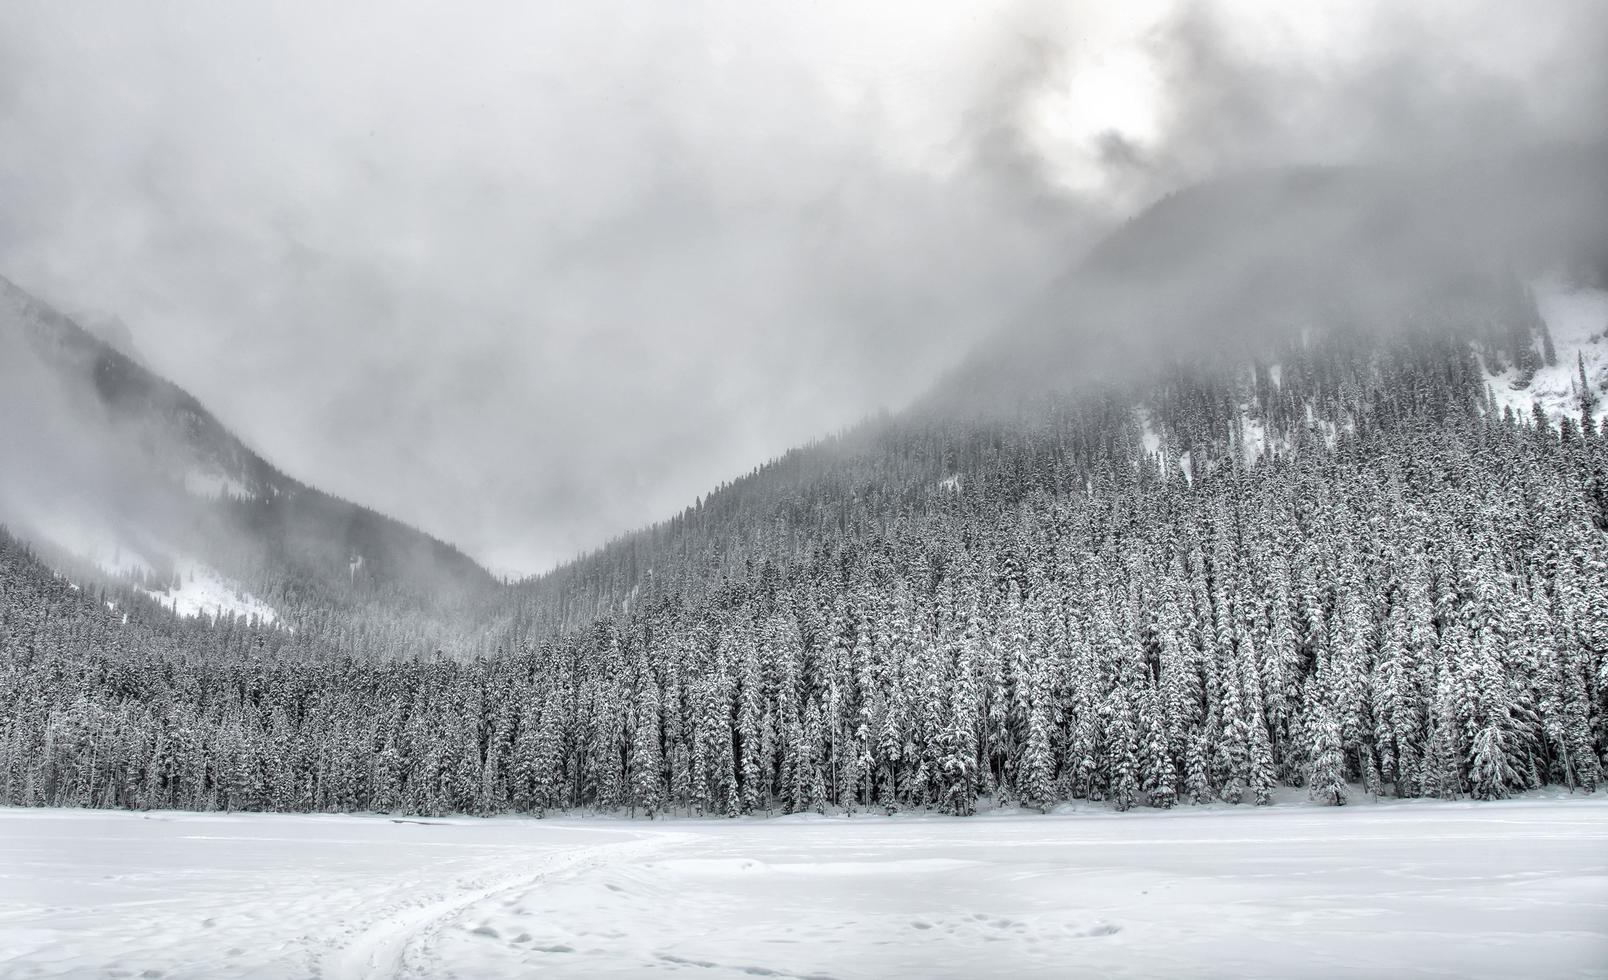 montañas cubiertas de árboles nevados foto